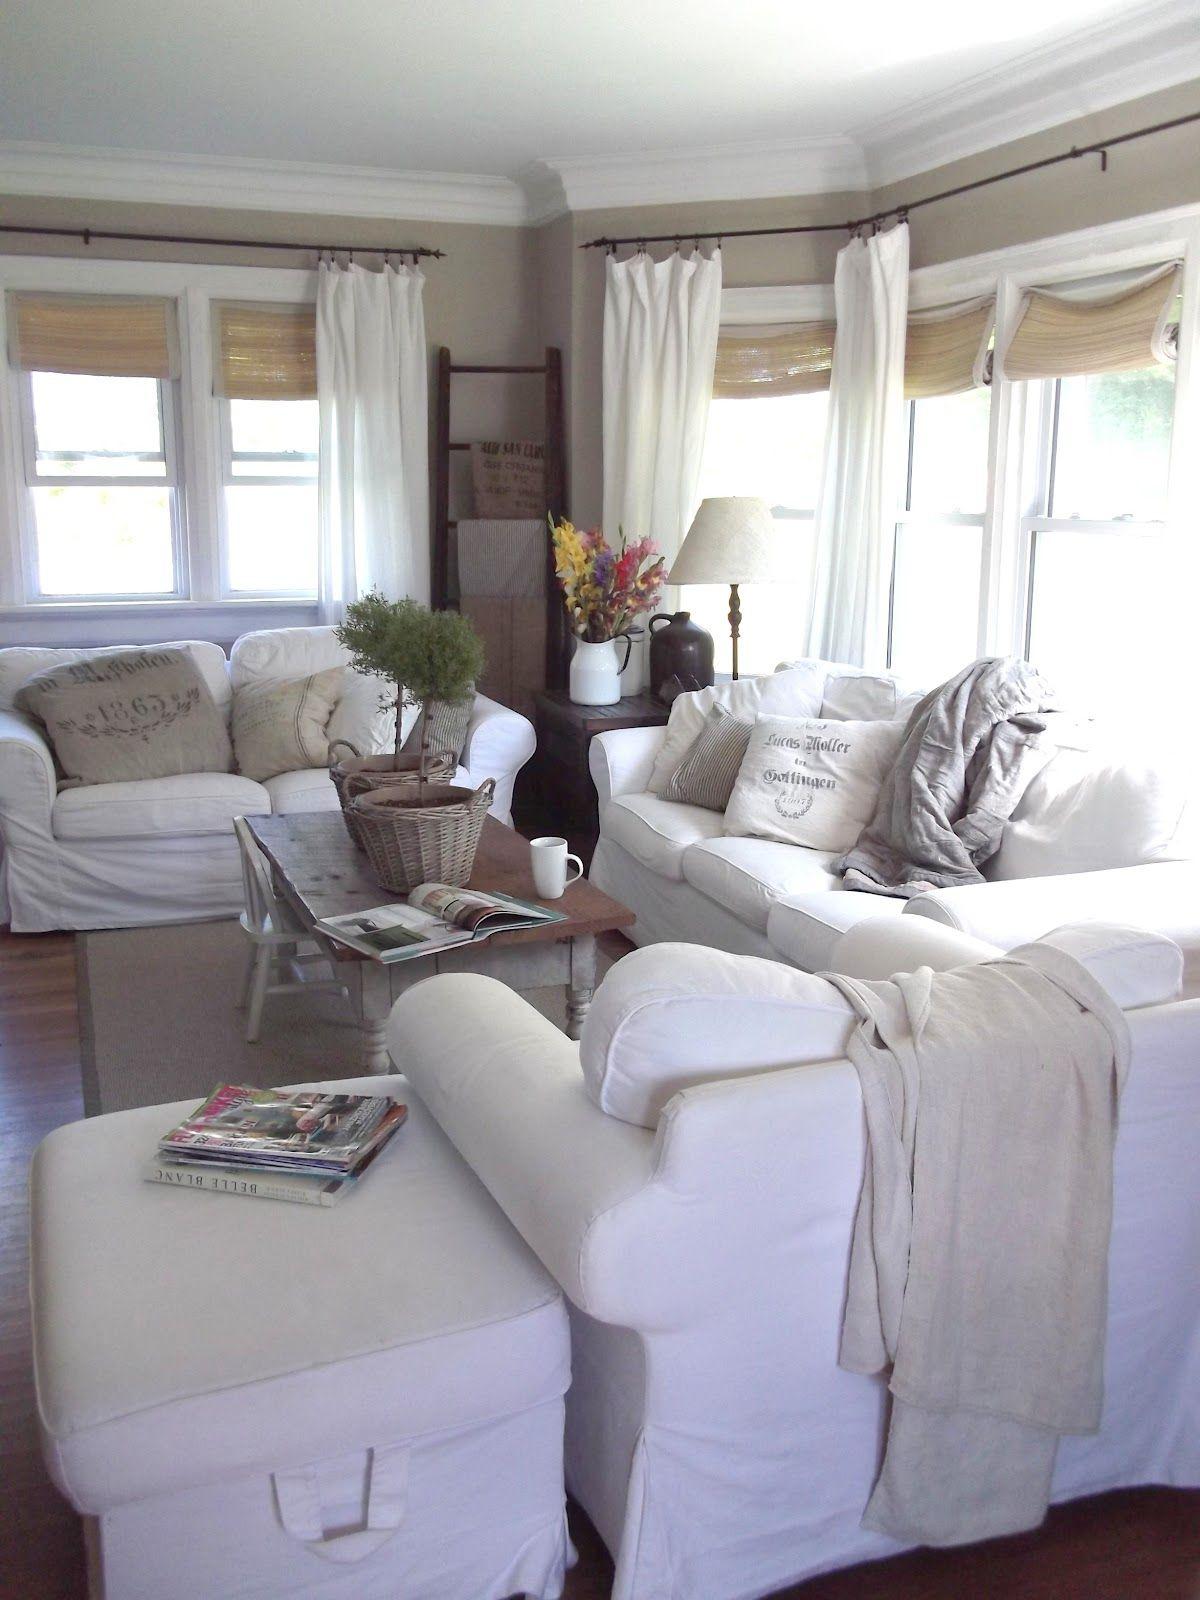 Rustic Farmhouse: In The Livingroom Today | Farmhouse ... on Farmhouse Curtain Ideas For Living Room  id=43148